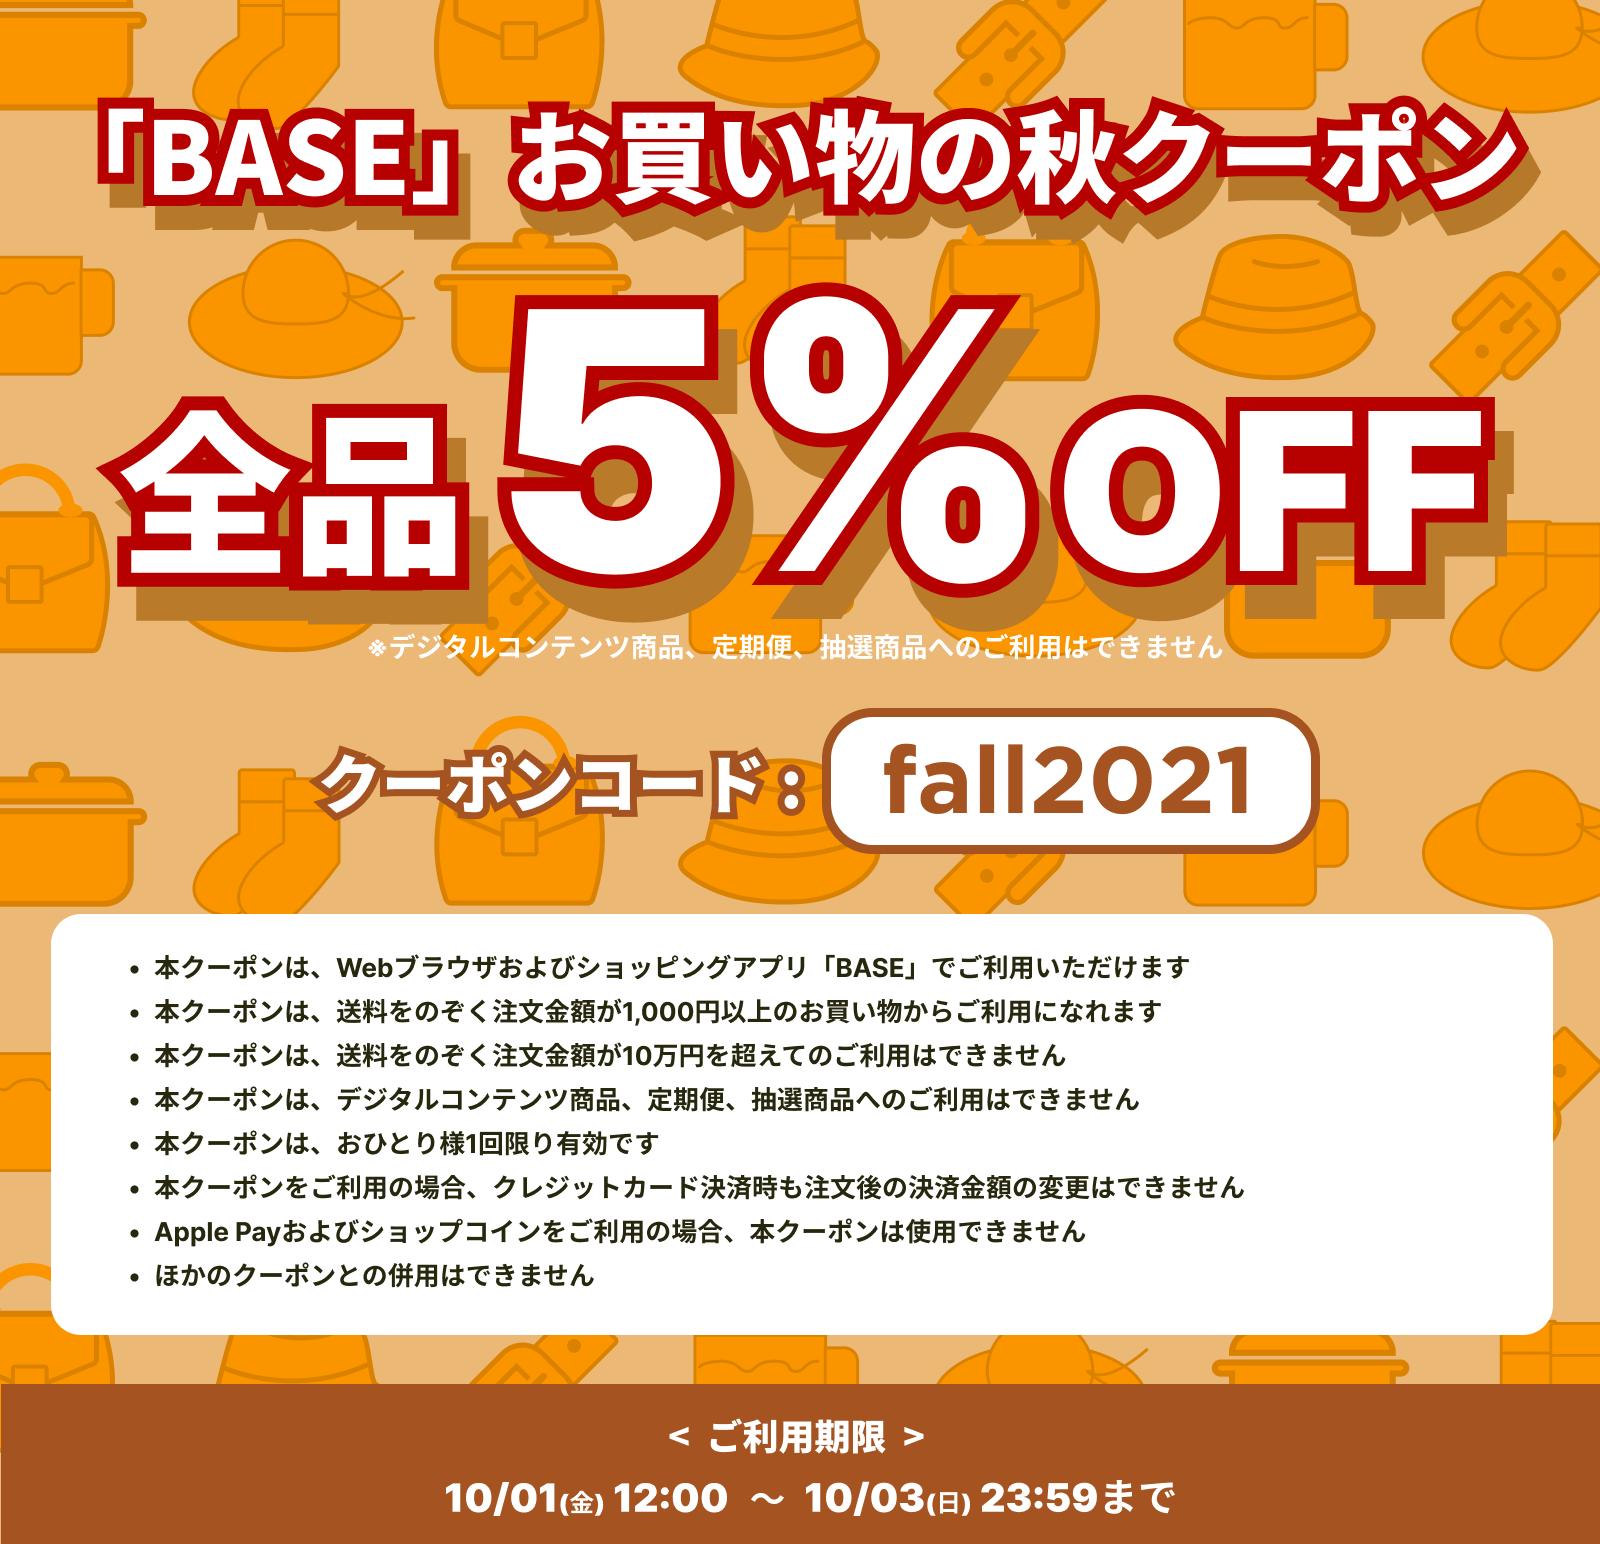 【10/1~10/3 期間限定】 「BASE」お買い物の秋クーポンキャンペーン!